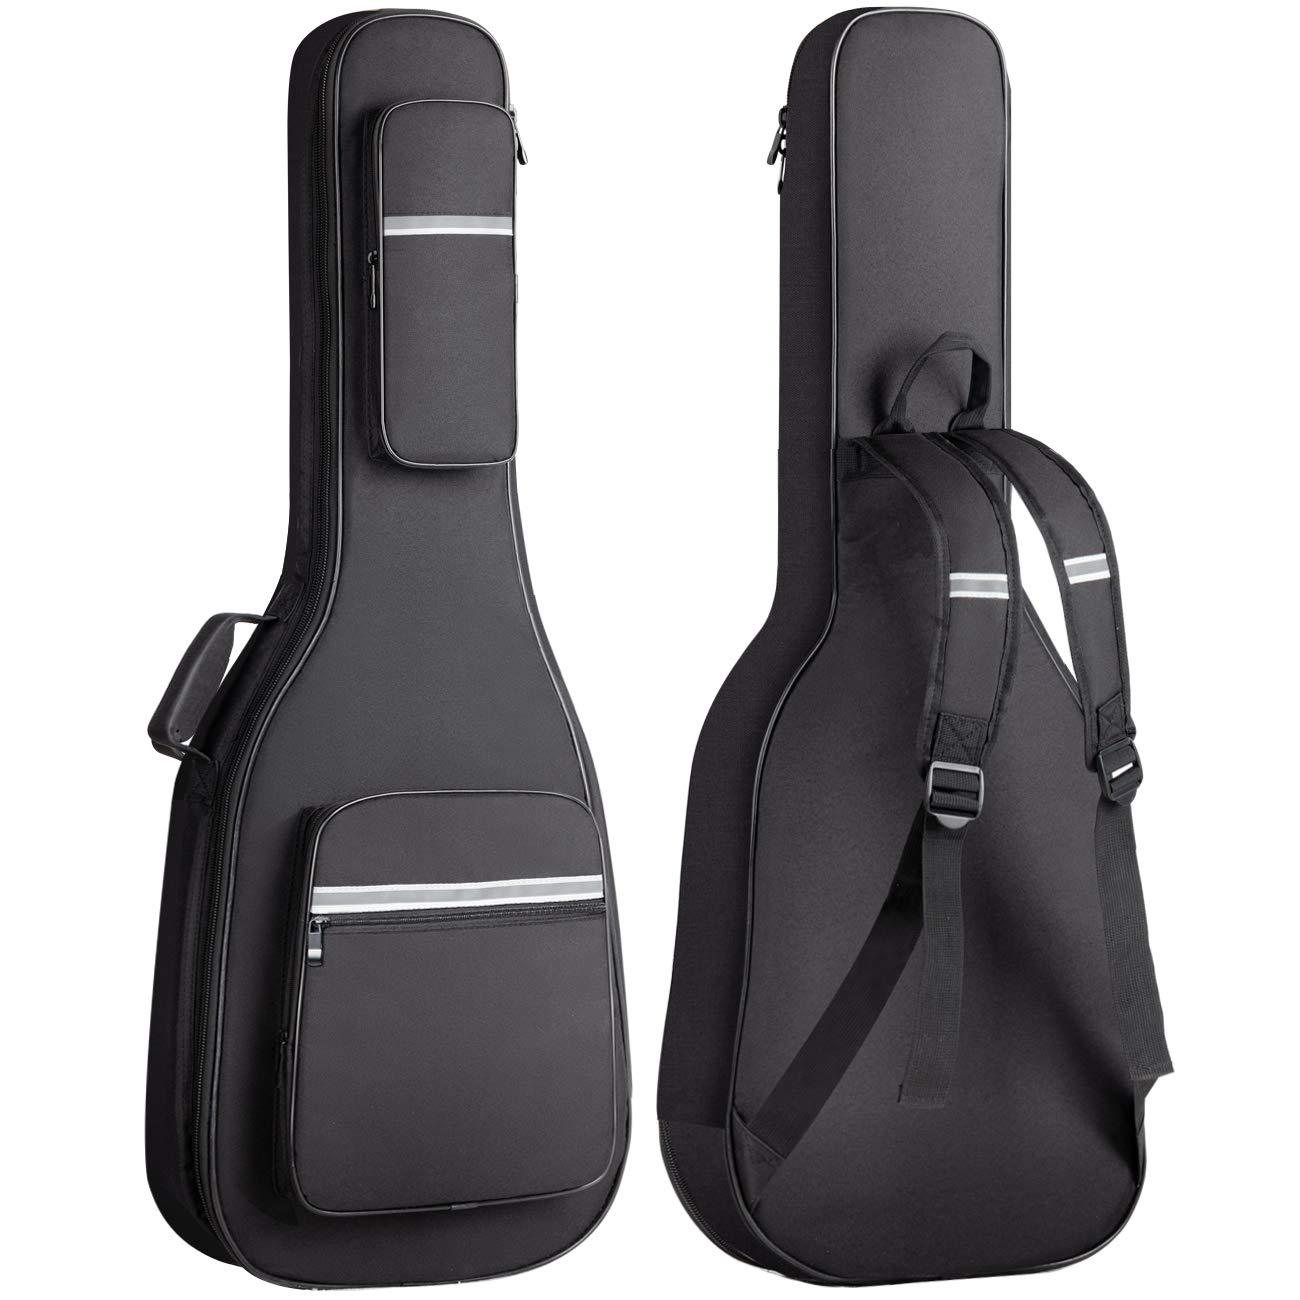 CAHAYA Bolsa Guitarra Electrica Acolchada 12mm Funda para Guitarra Electrica con 6 Bolsillos para Libros de Música y Accesorios con Diseño Reflectante: Amazon.es: Instrumentos musicales